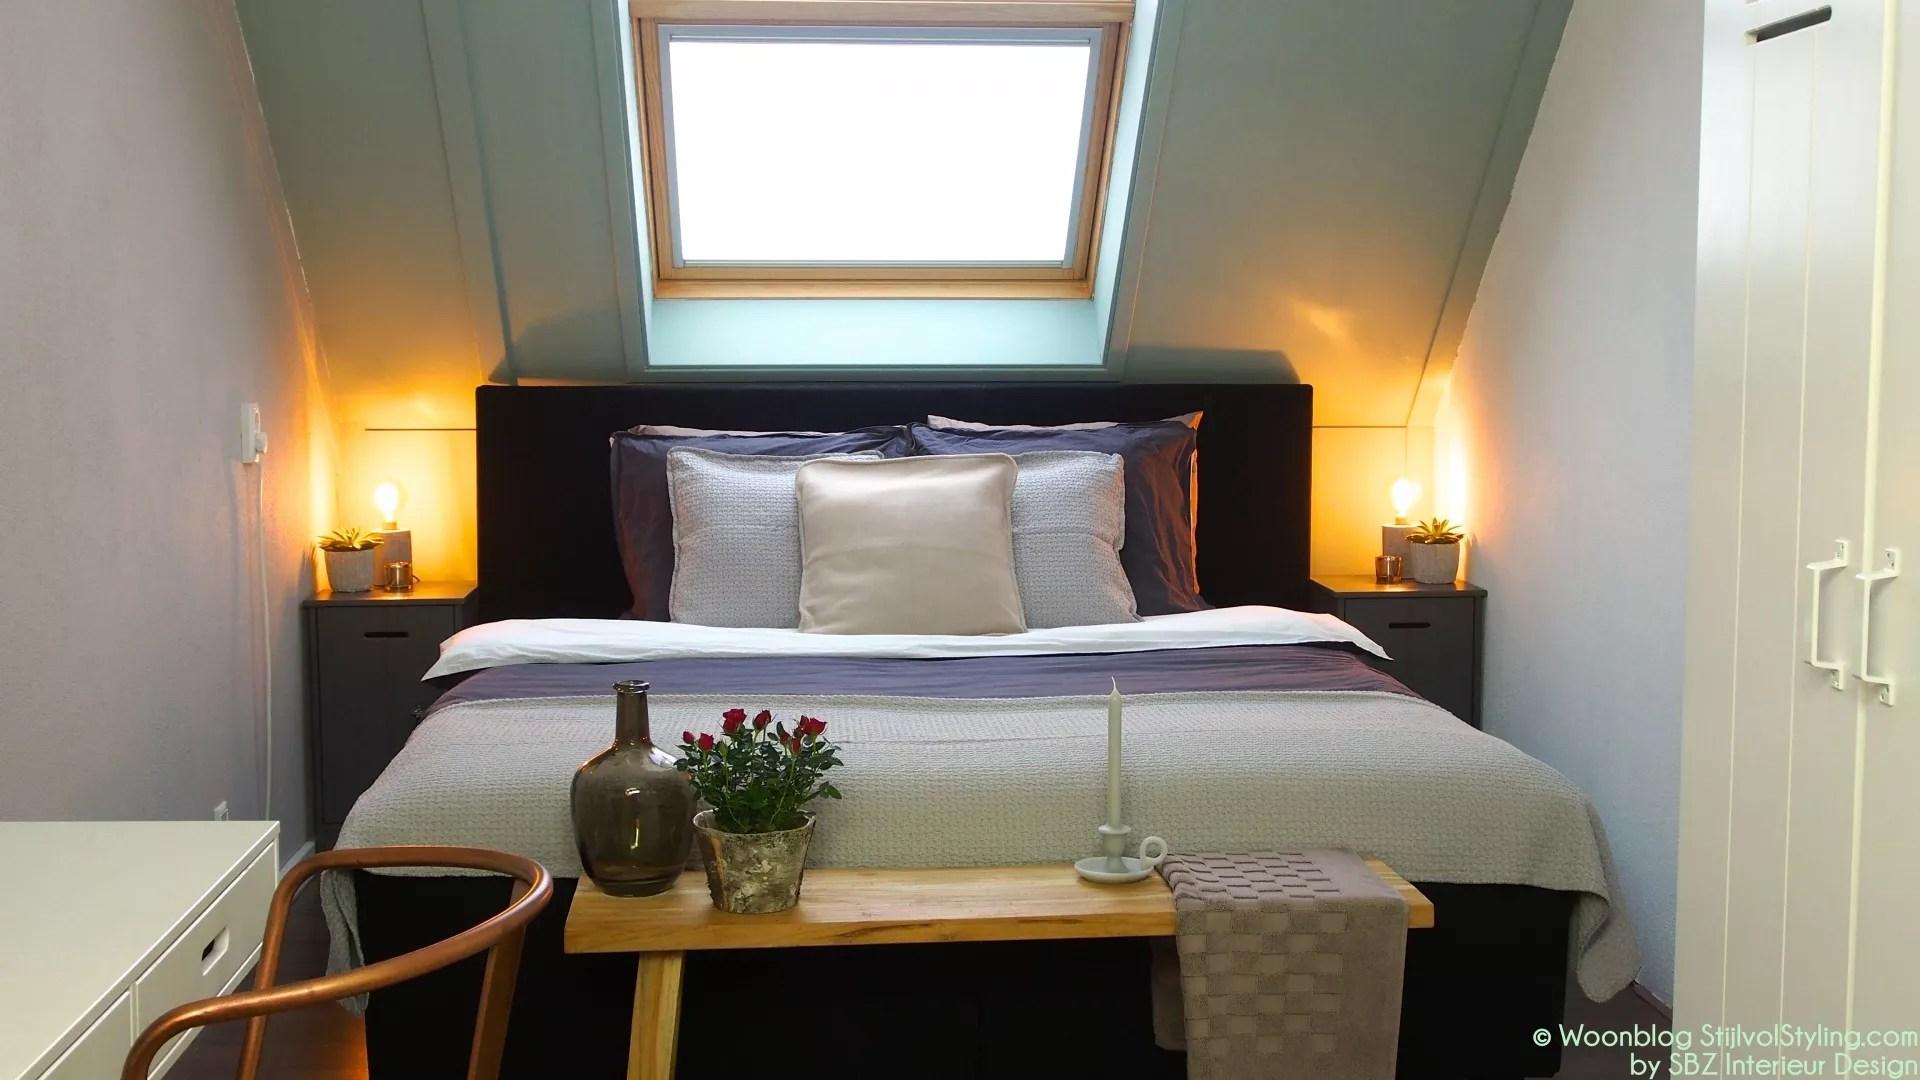 interieur luxe hotel gevoel in eigen slaapkamer woonblog stijlvolstylingcom styling en